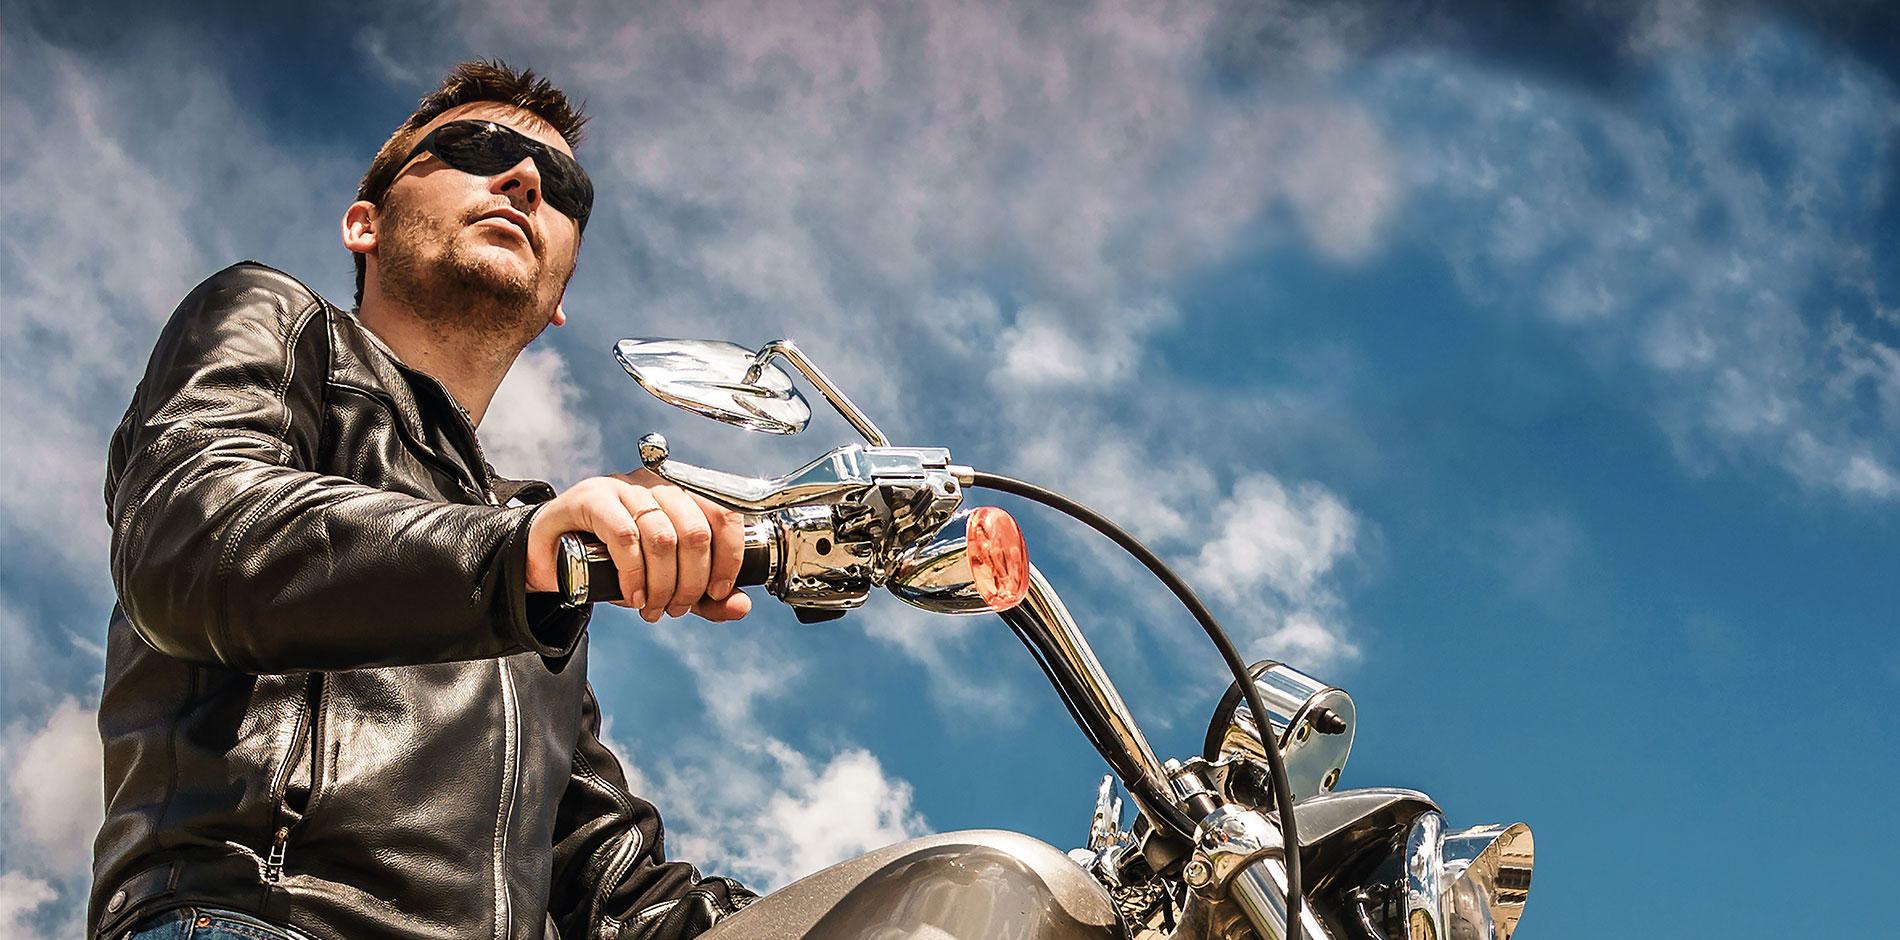 Homme portant les lunettes moto Eyeful